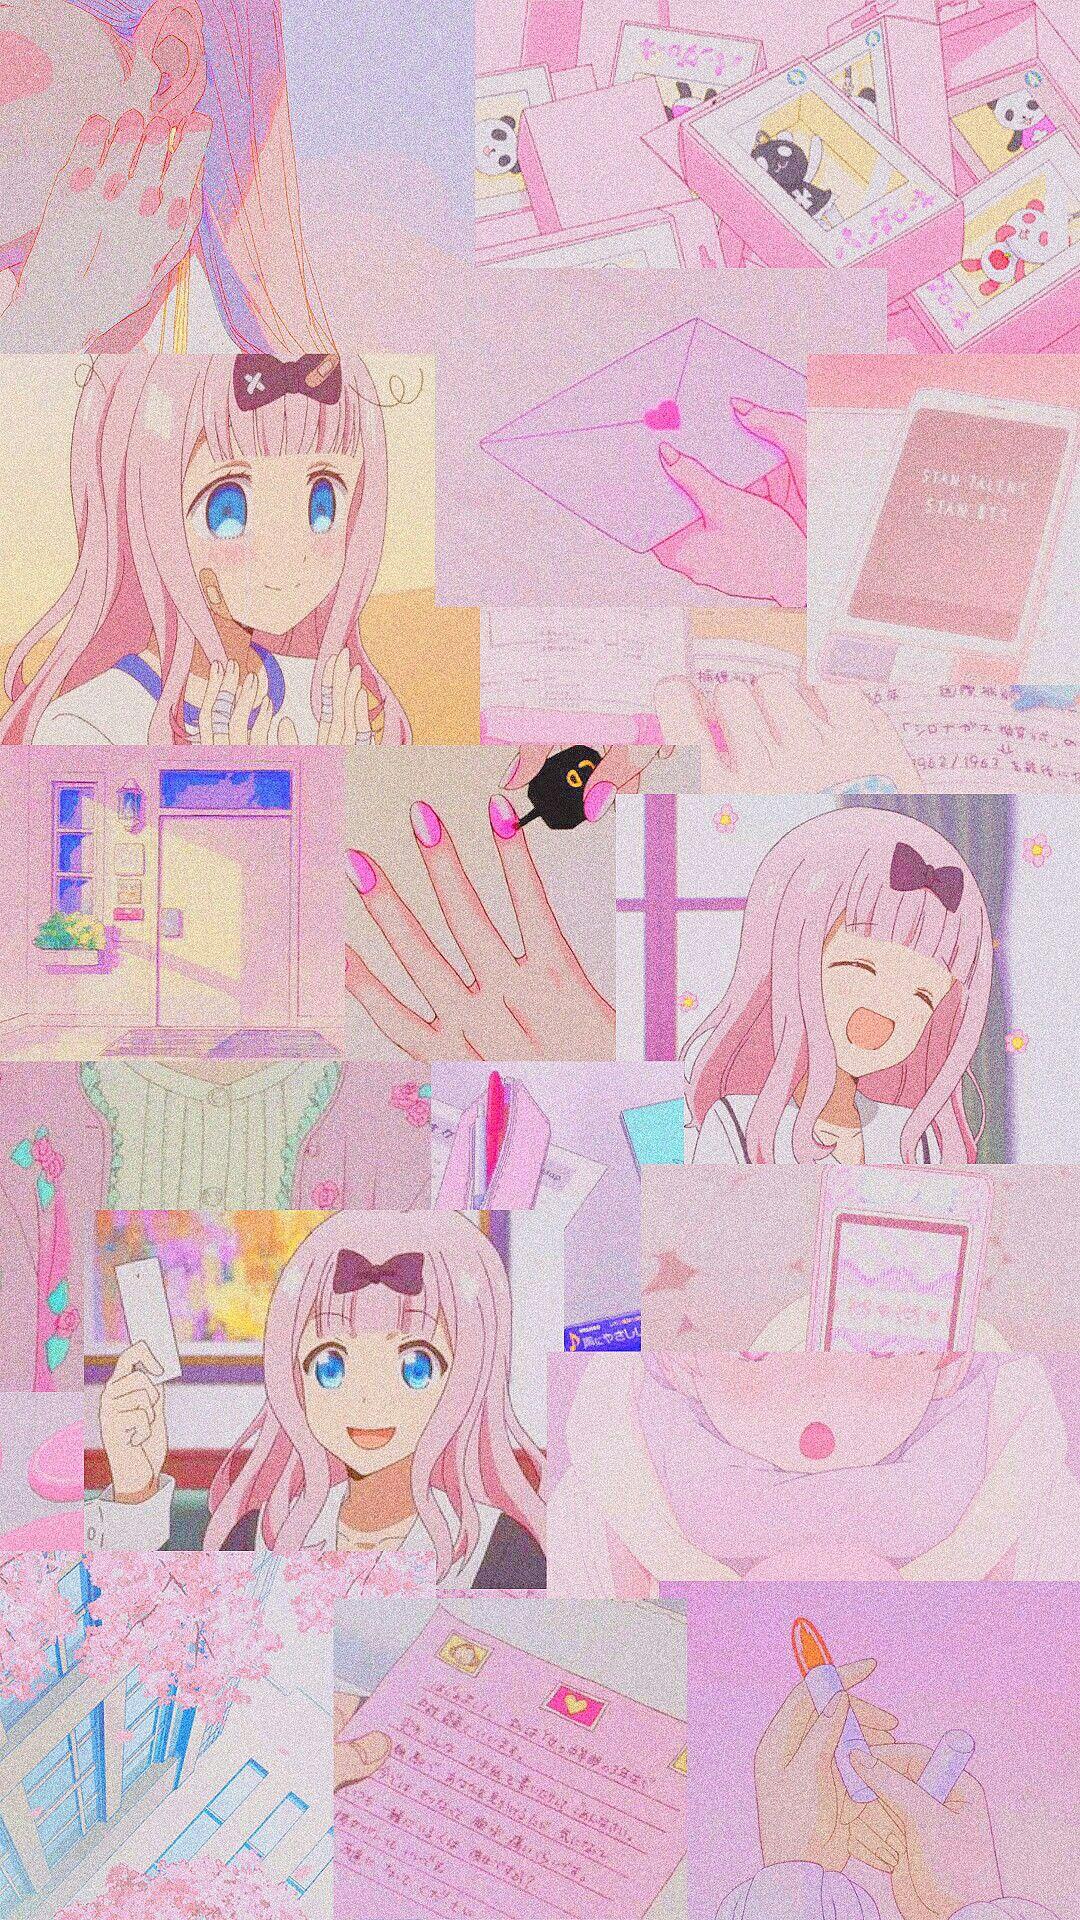 Chika Fujiwara Cute Anime Wallpaper Pink Wallpaper Anime Anime Wallpaper